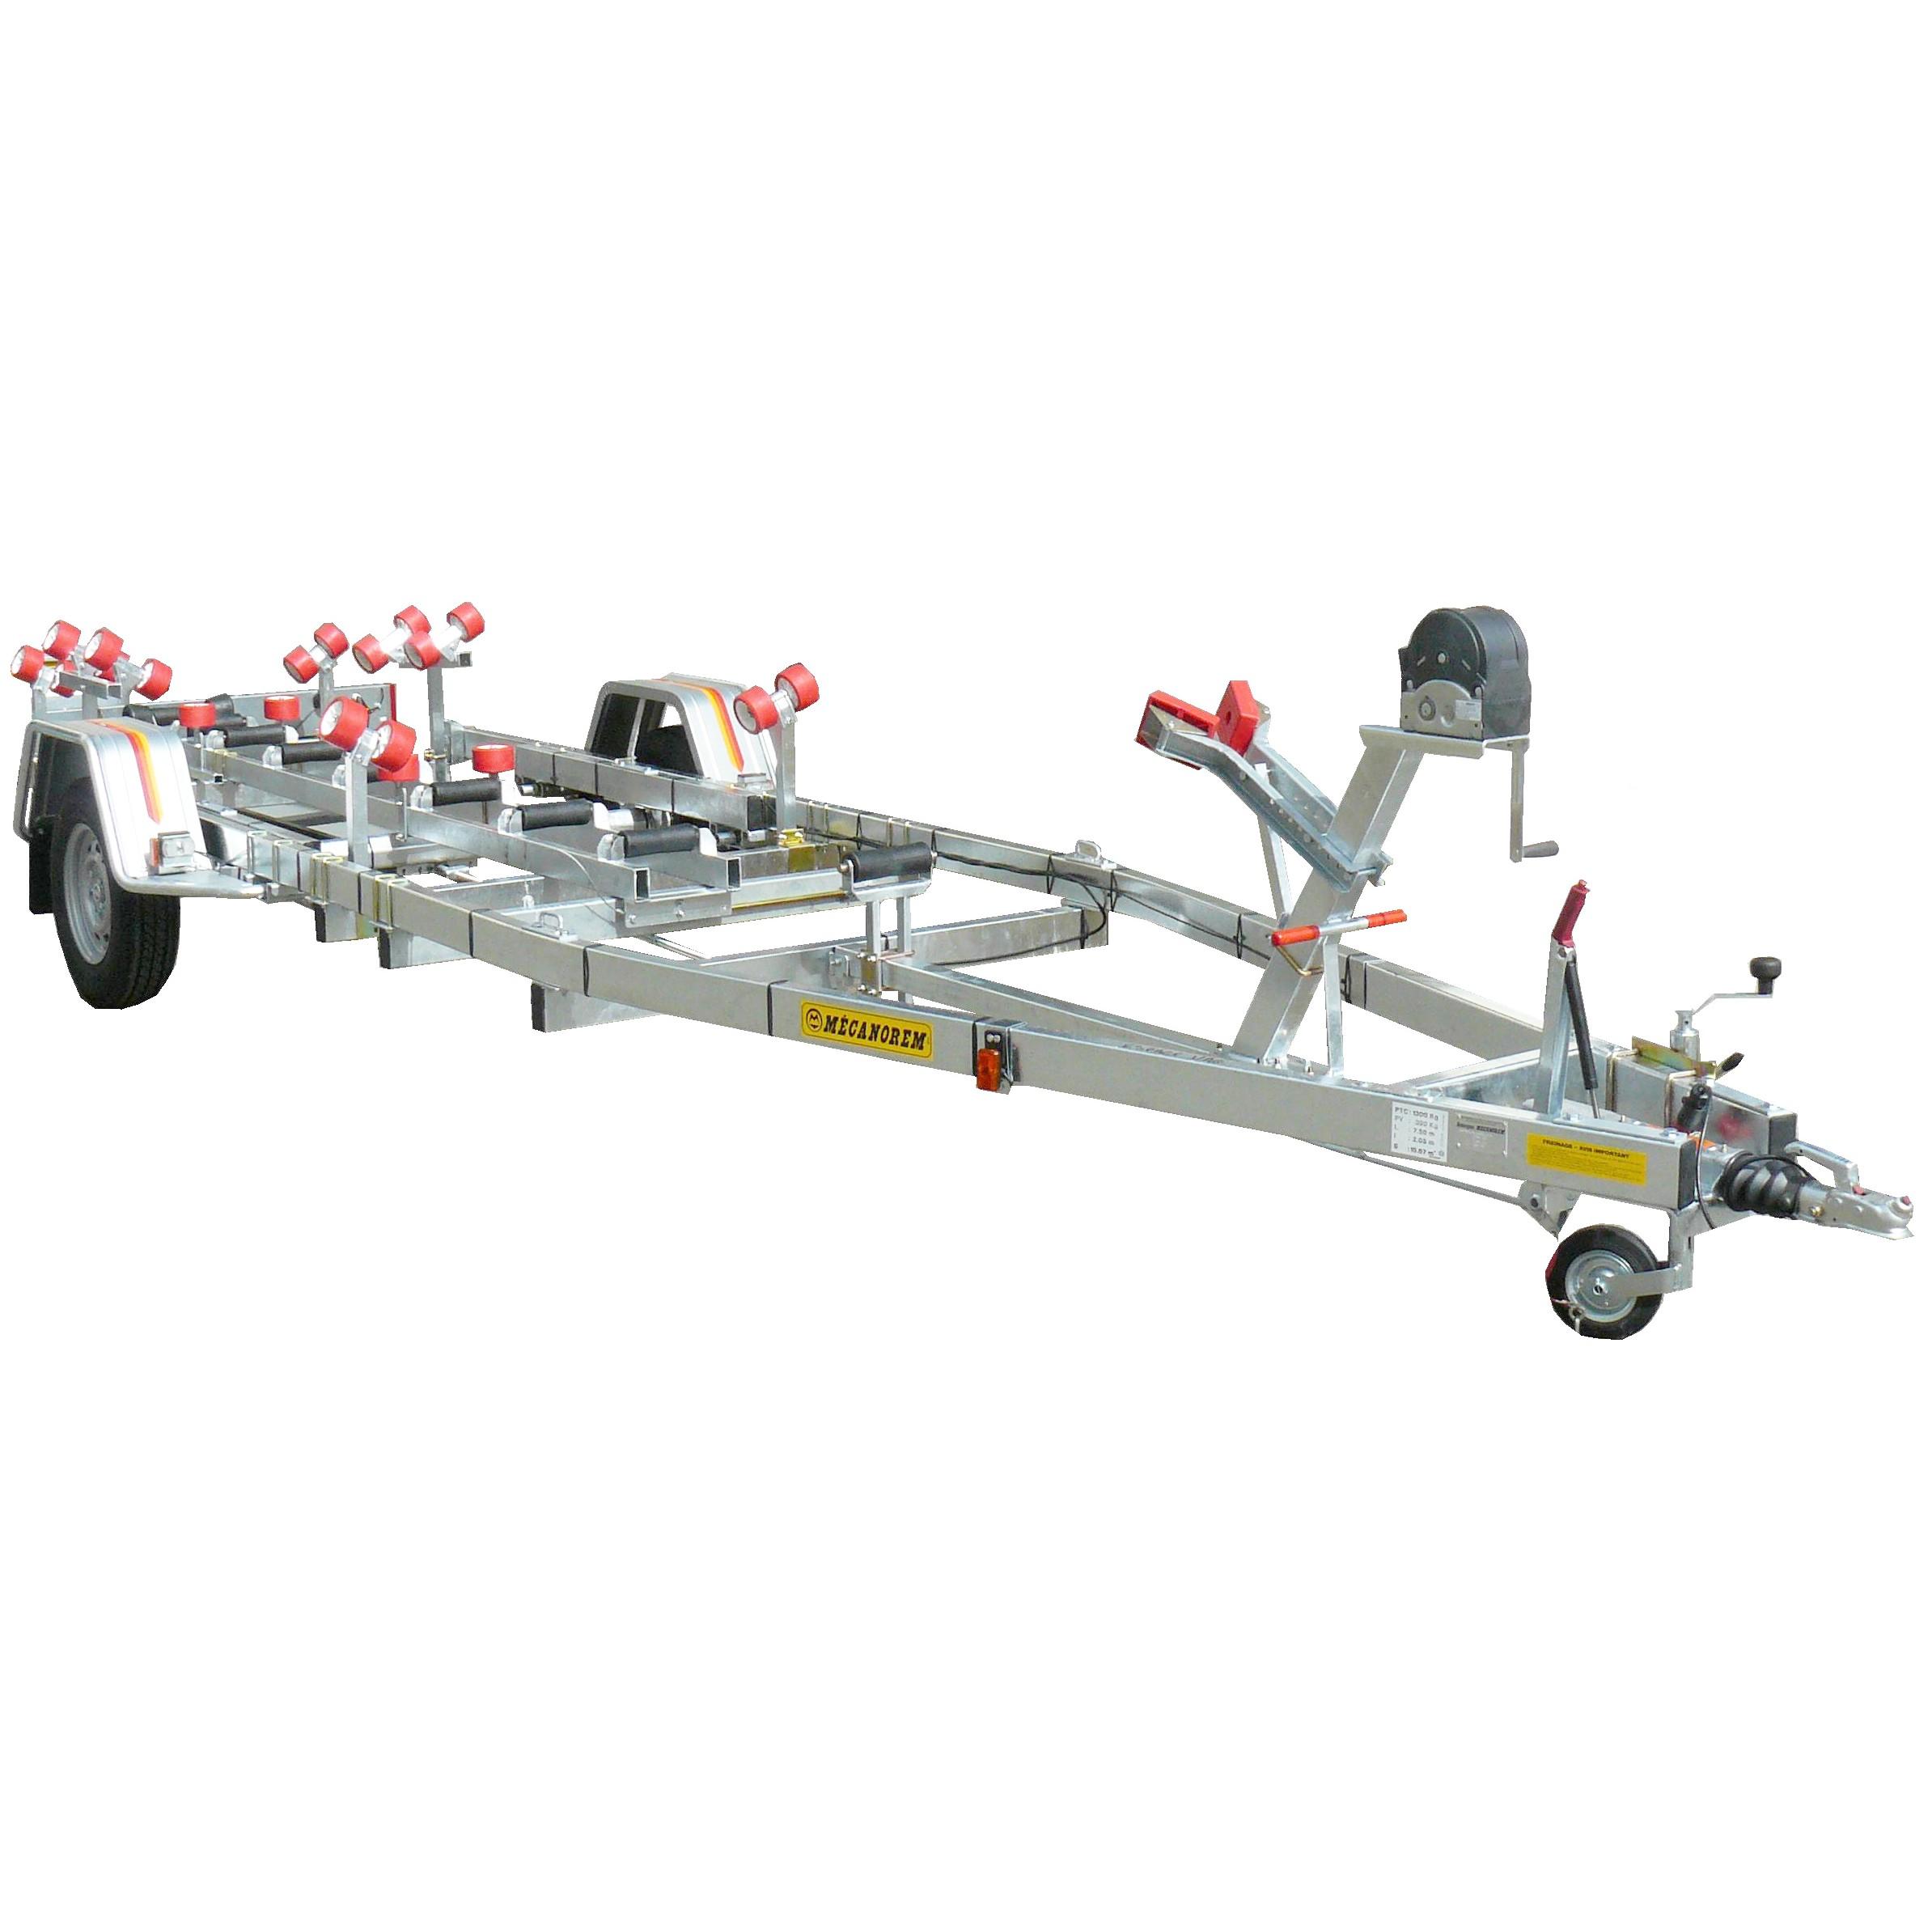 Remorque Bateau MTX 851 F 7.30m CU 810kg